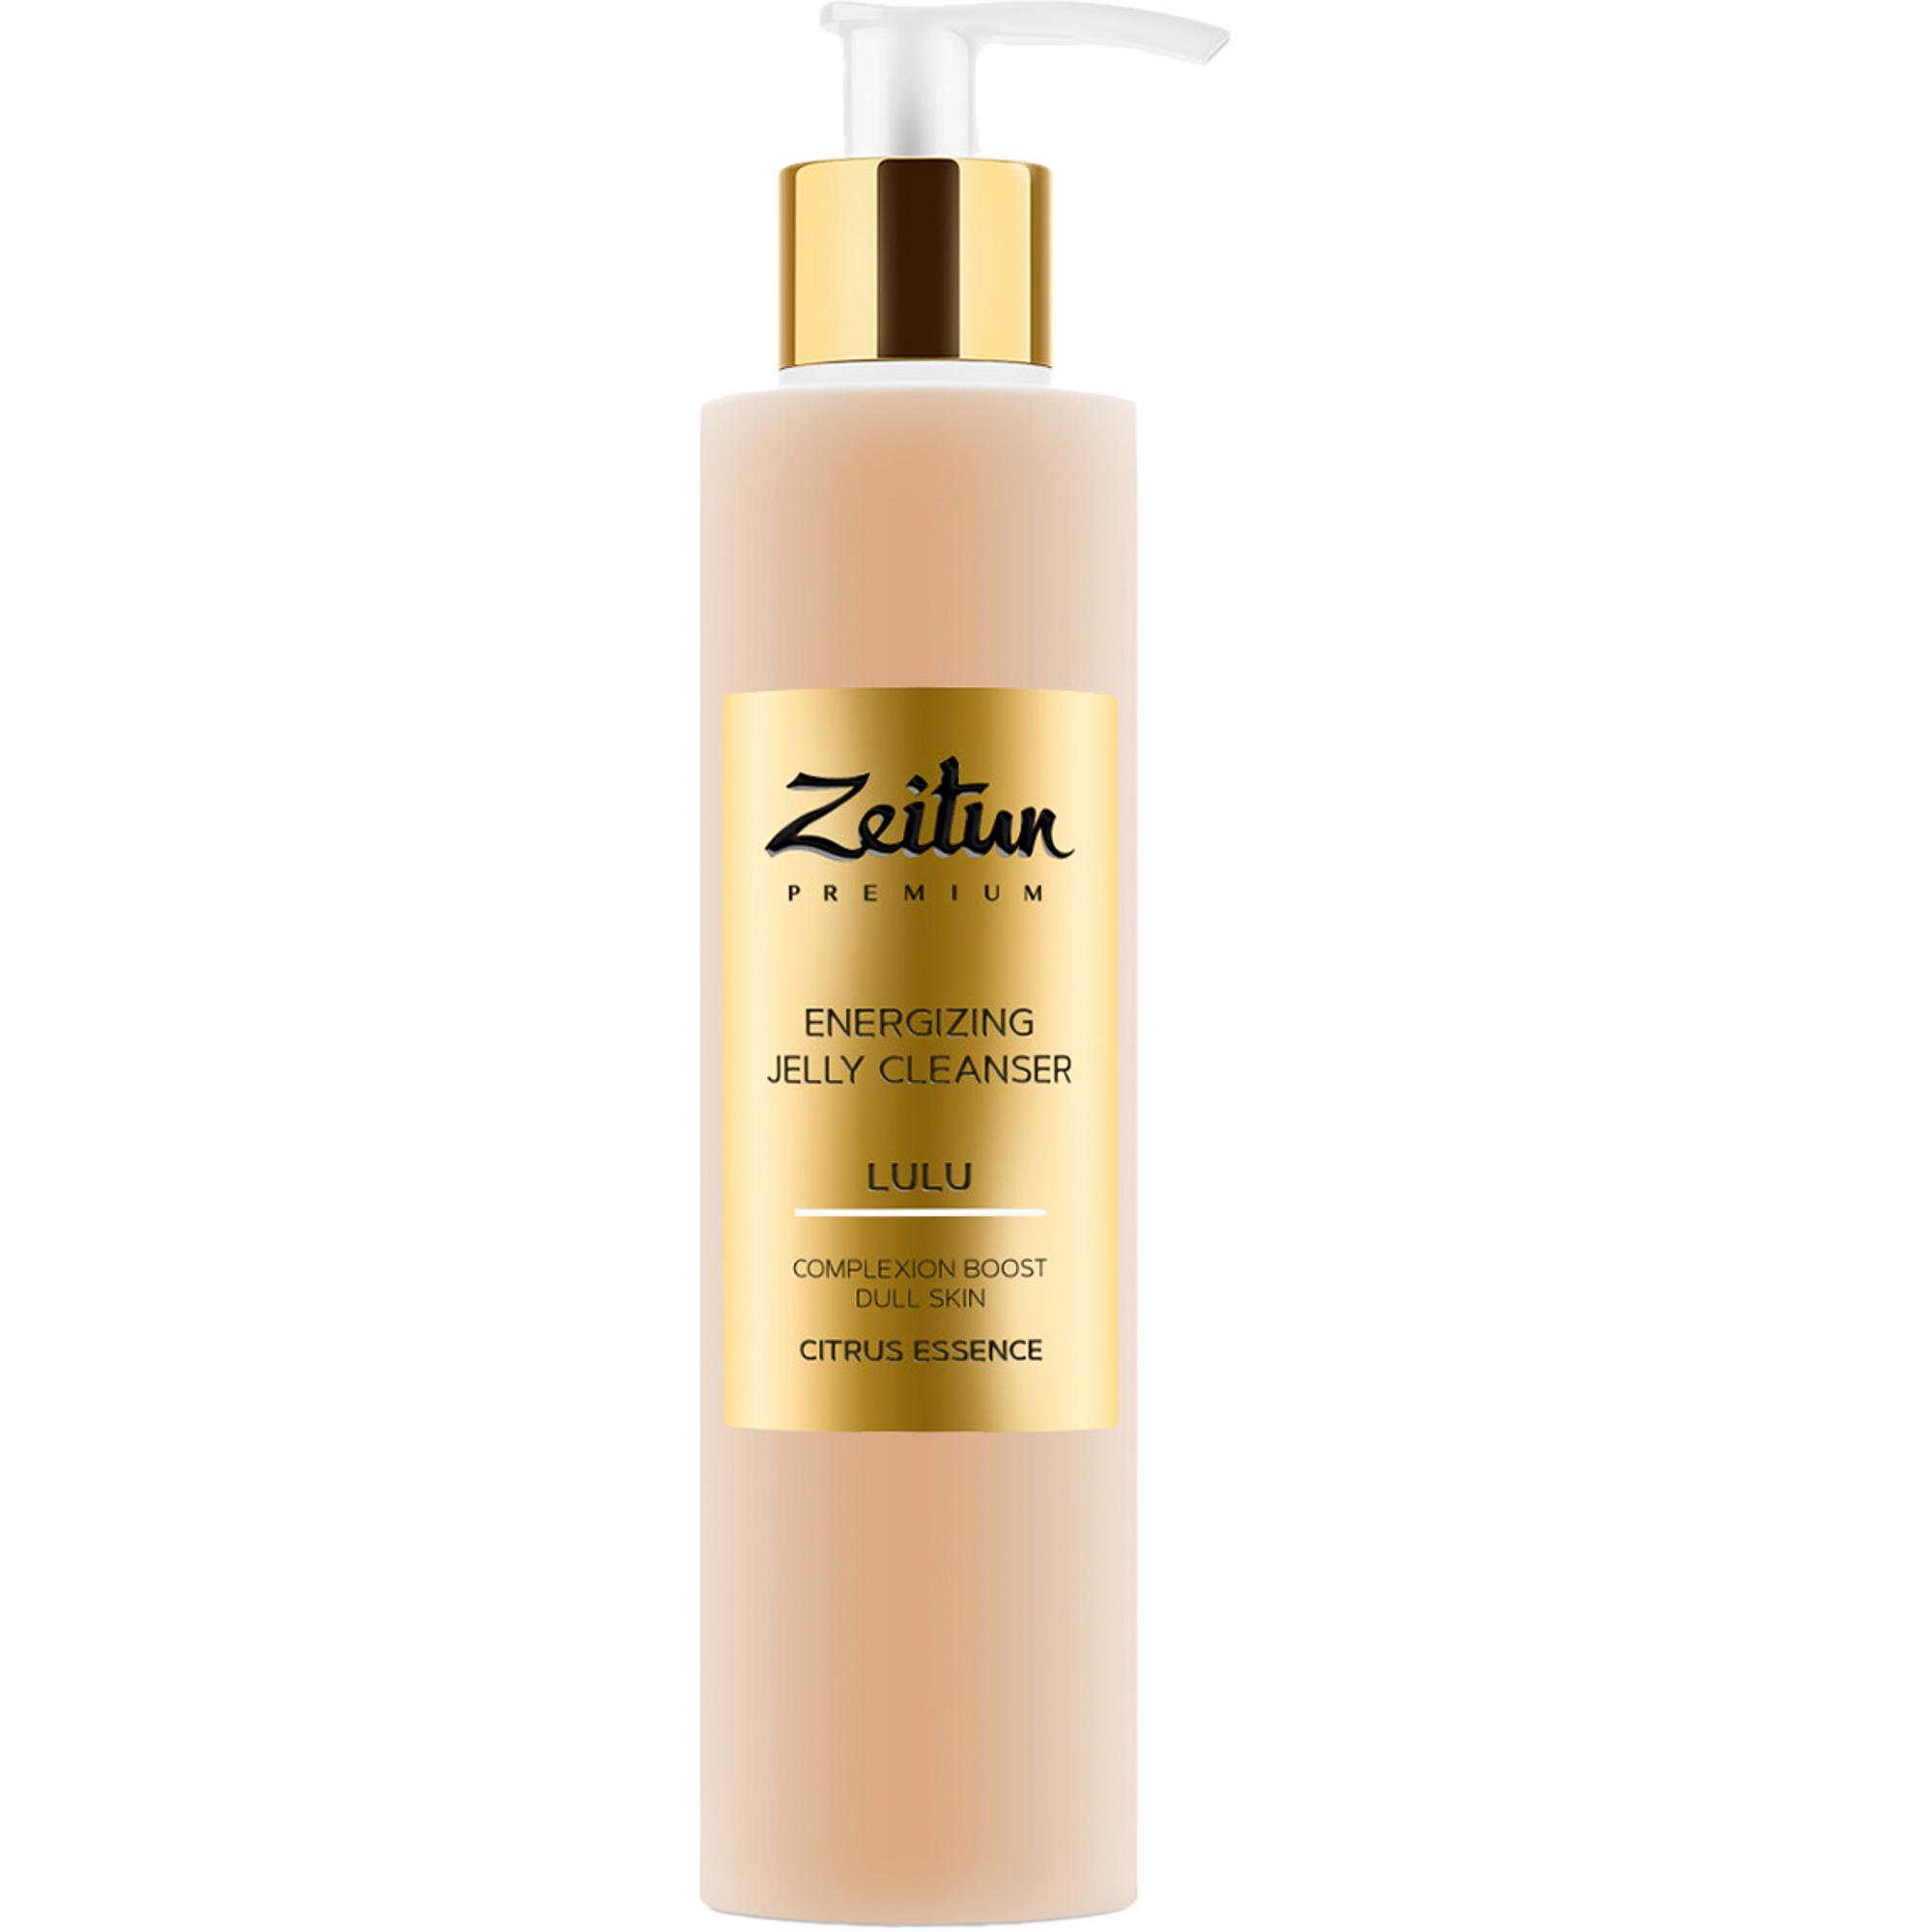 Гель для умывания Zeitun Энергетический LULU для тусклой кожи с витамином С и мандарином 200 мл